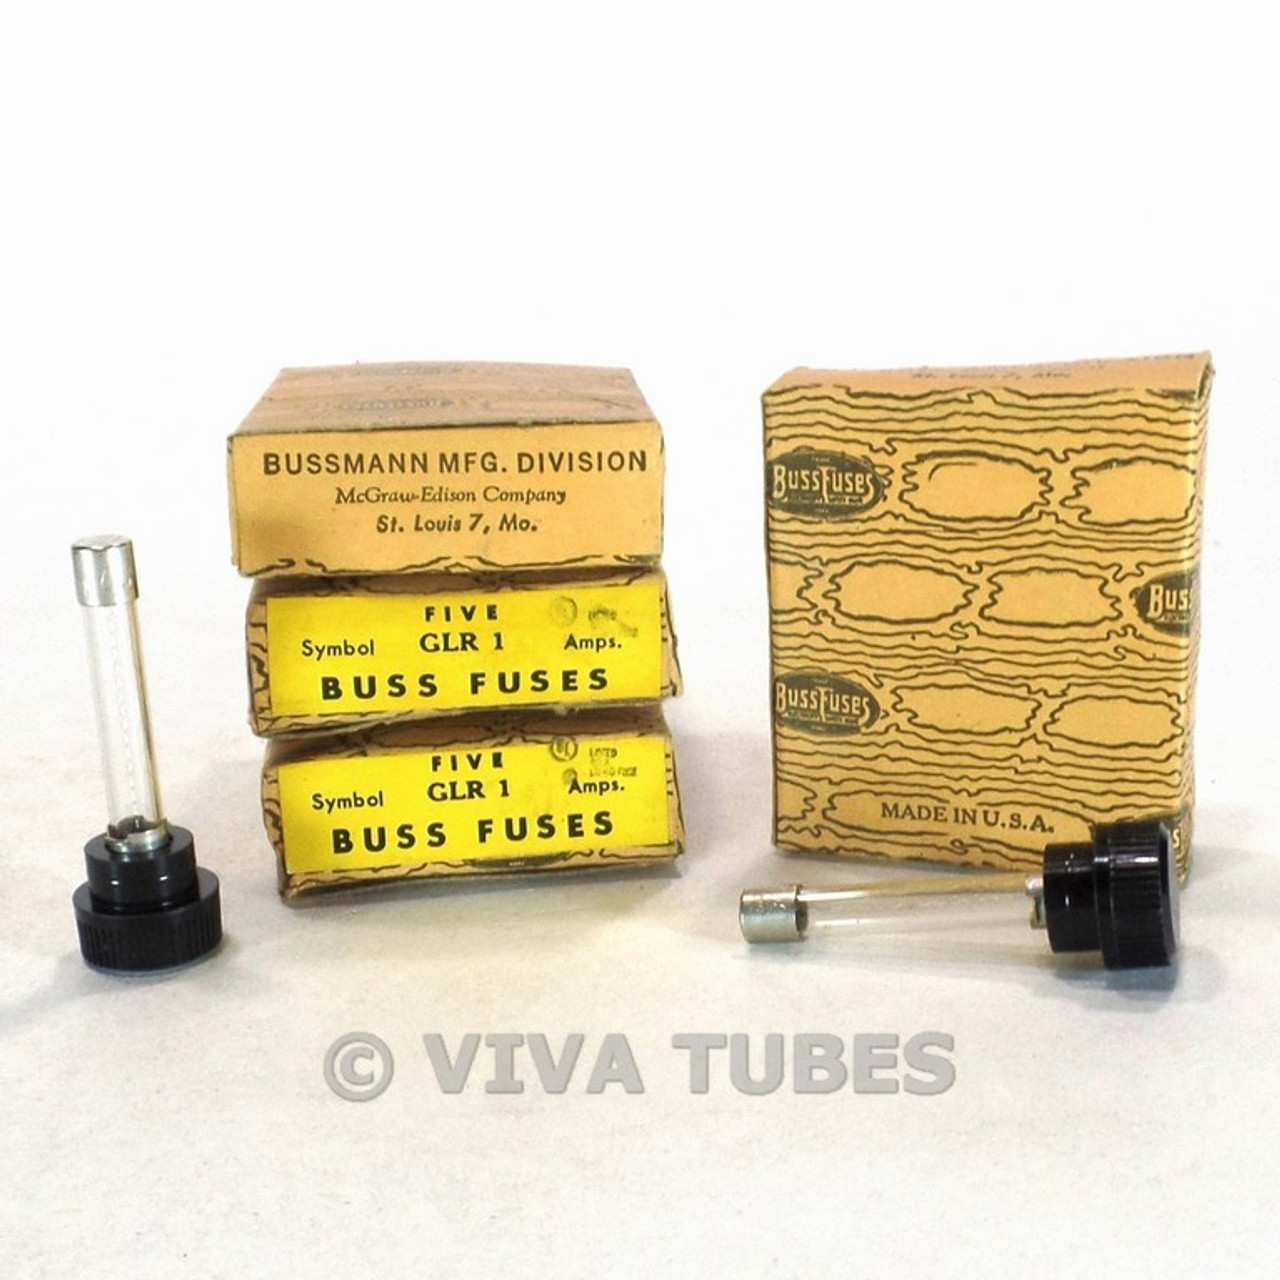 lot of 20 nos nib bussman fuses glr 1 a 300 v panel mount fuse holder tube amps viva tubes [ 1280 x 1280 Pixel ]